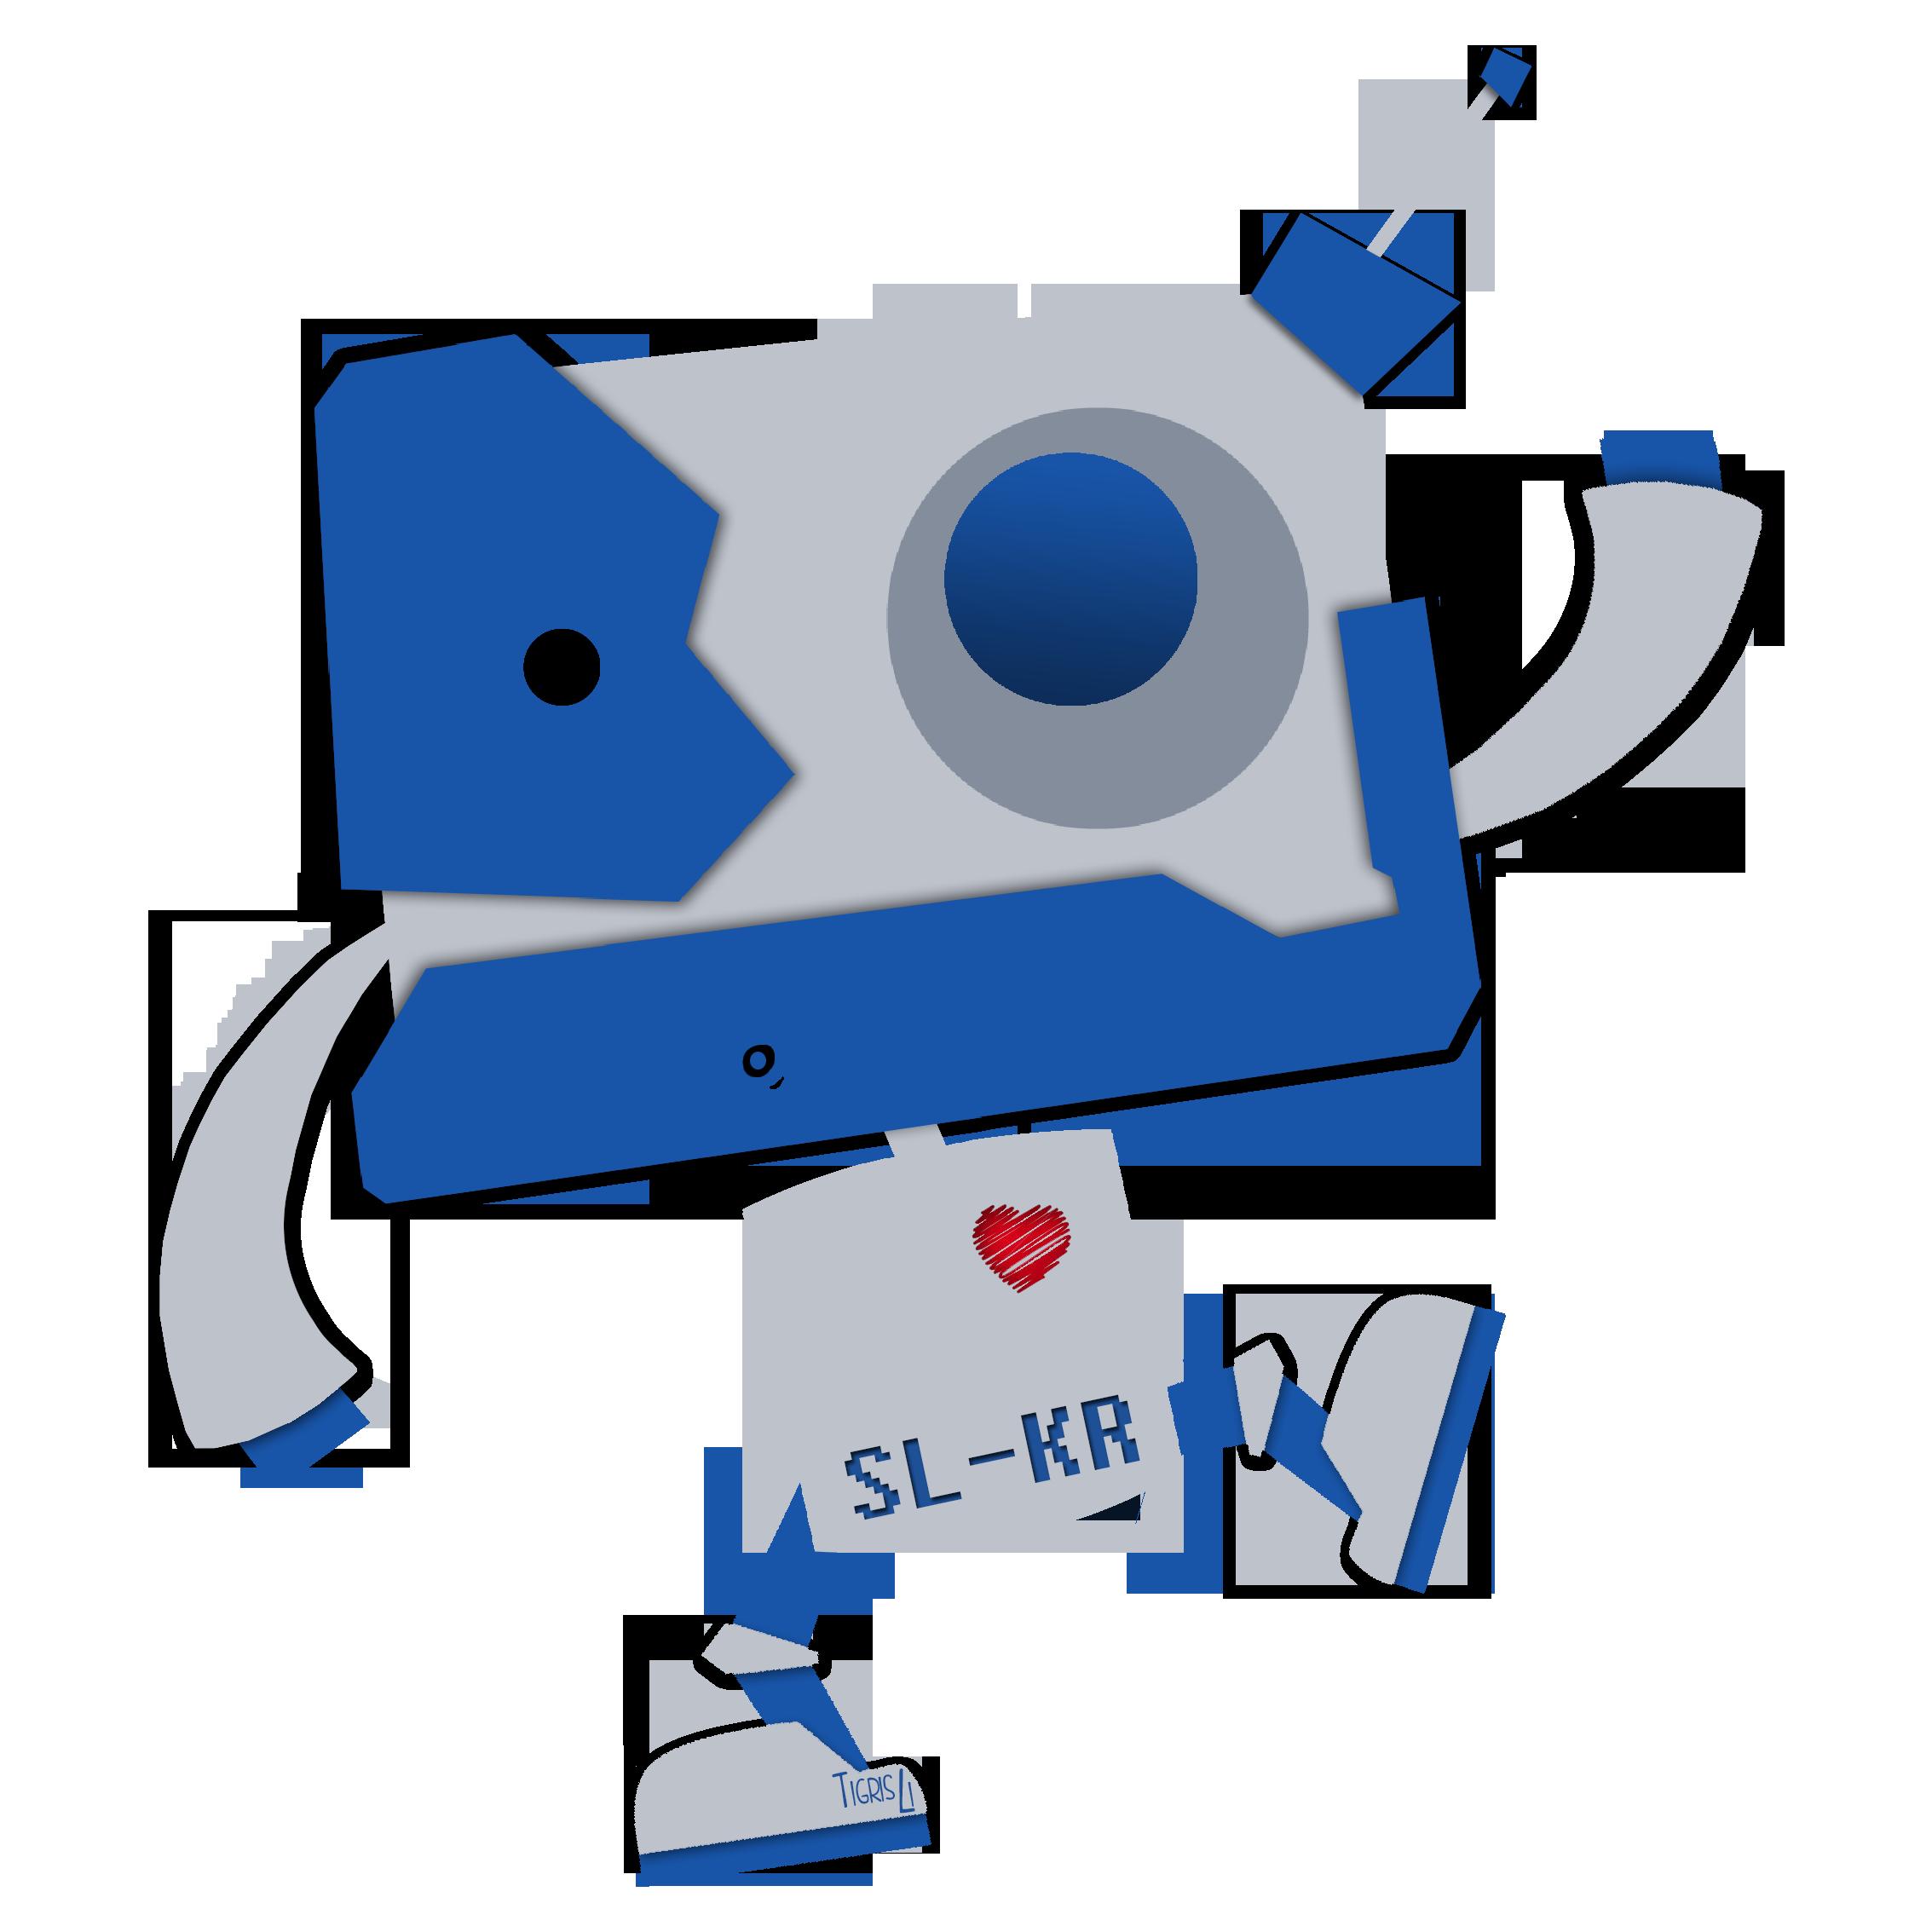 slacker_icon